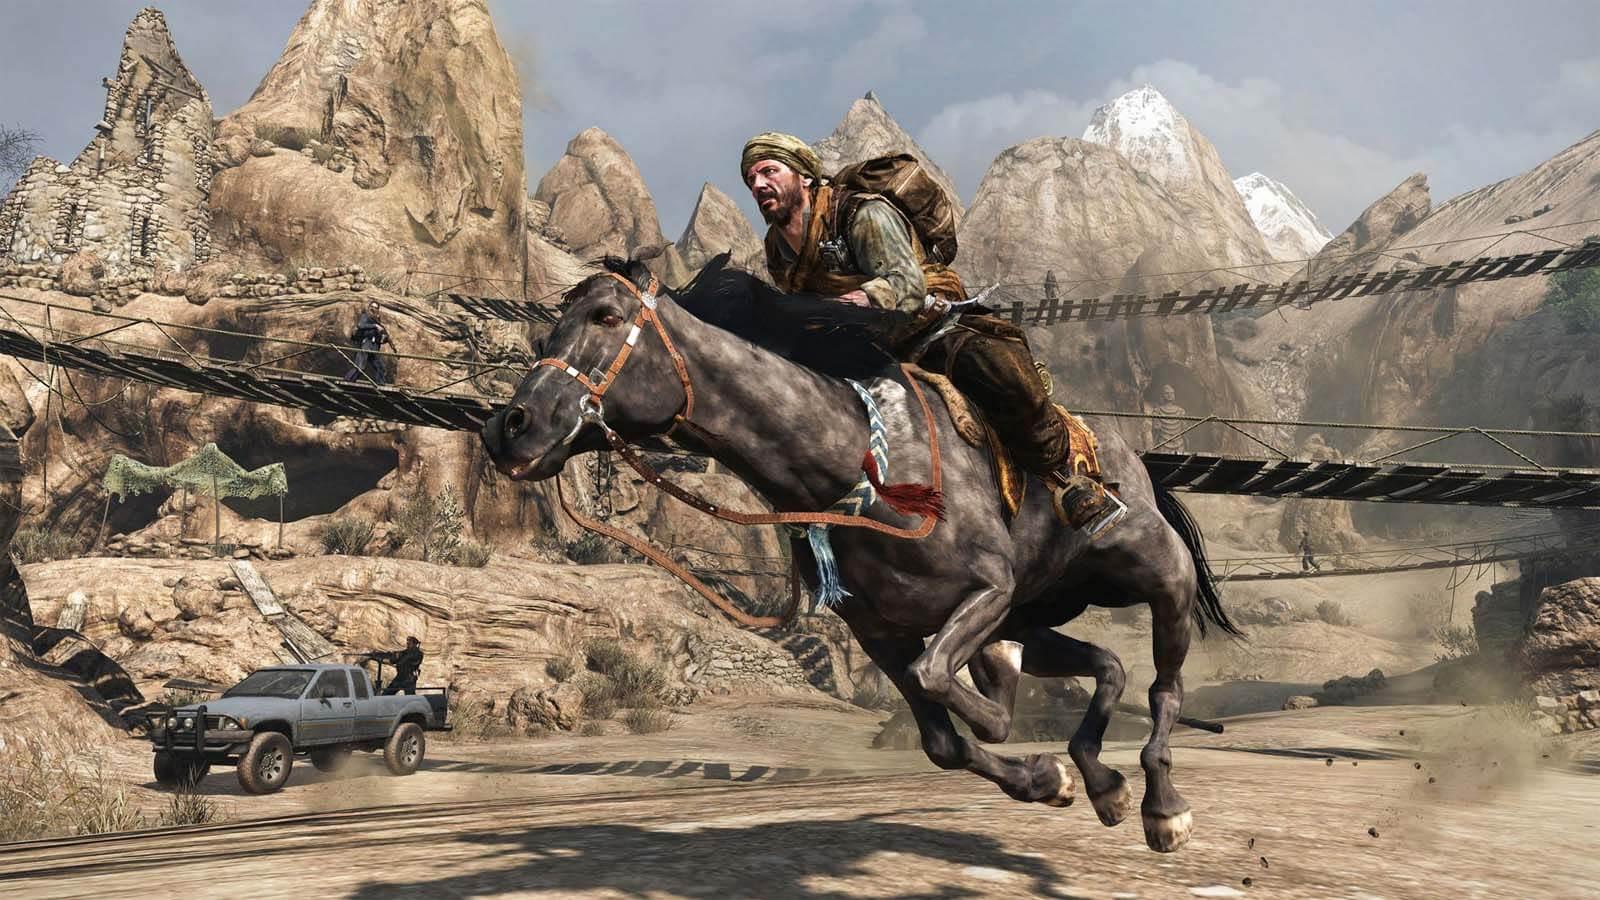 تحميل لعبة Call Of Duty Black Ops 2 مضغوطة كاملة بروابط مباشرة مجانا